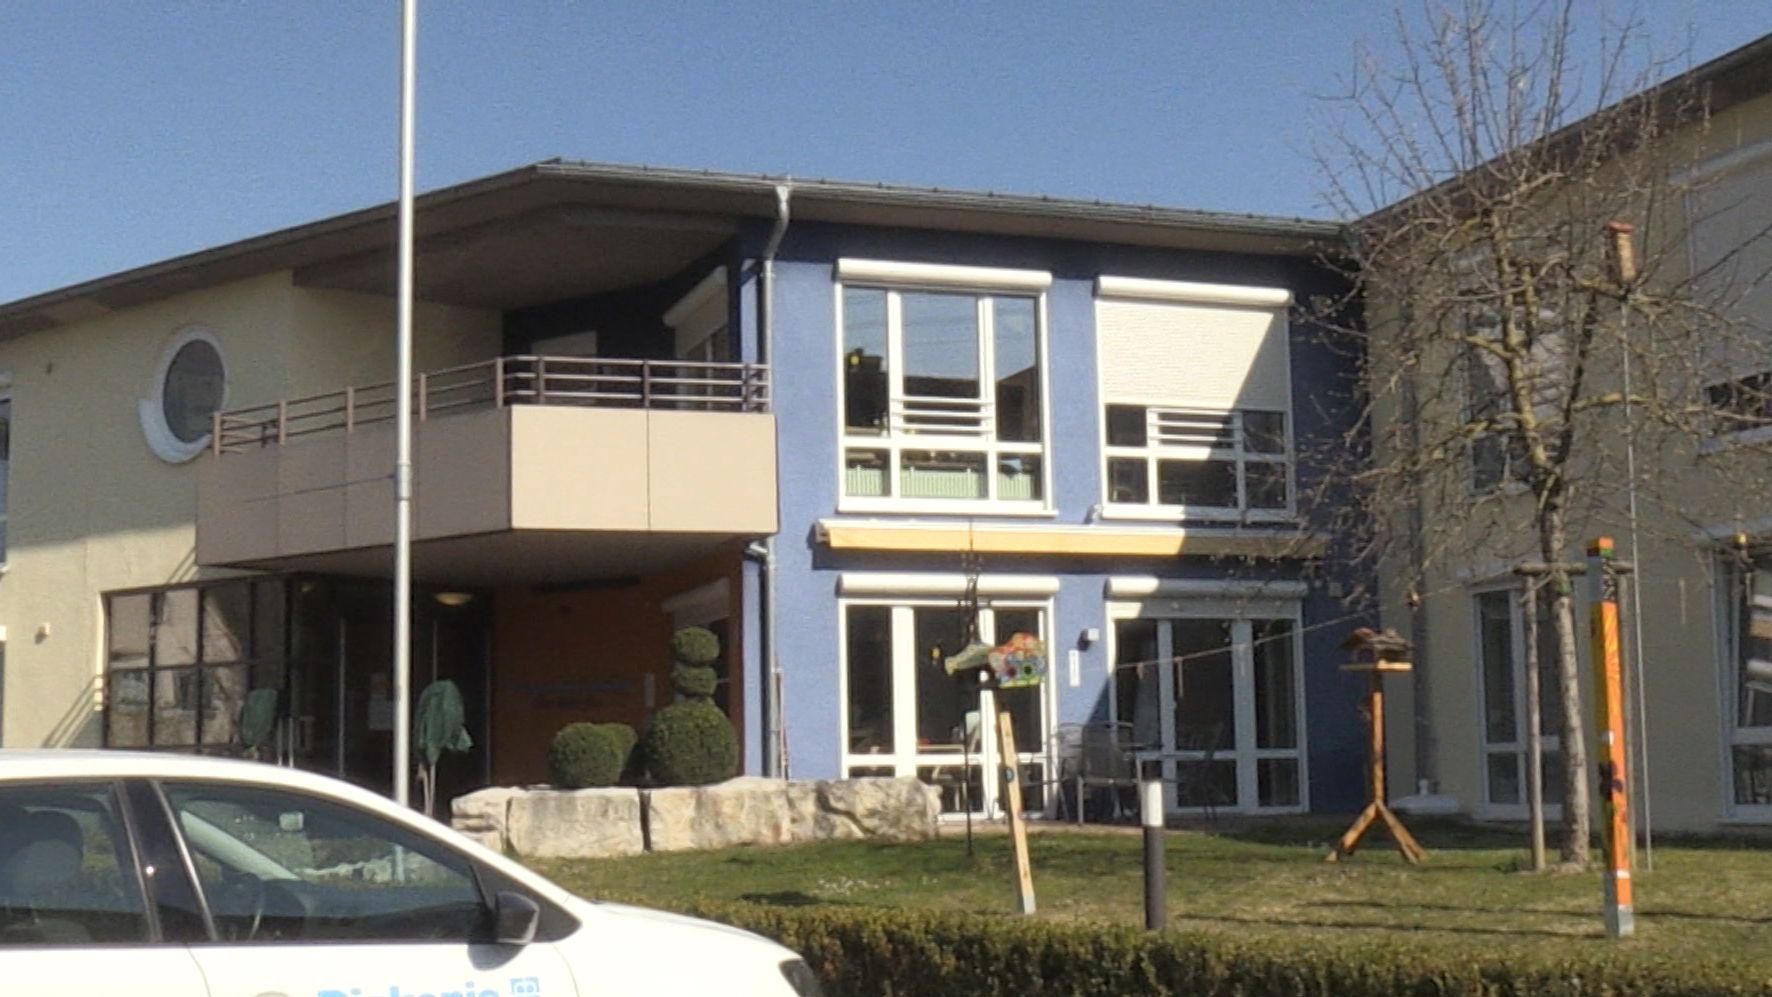 Die betroffene Pflegeeinrichtung in Harburg.